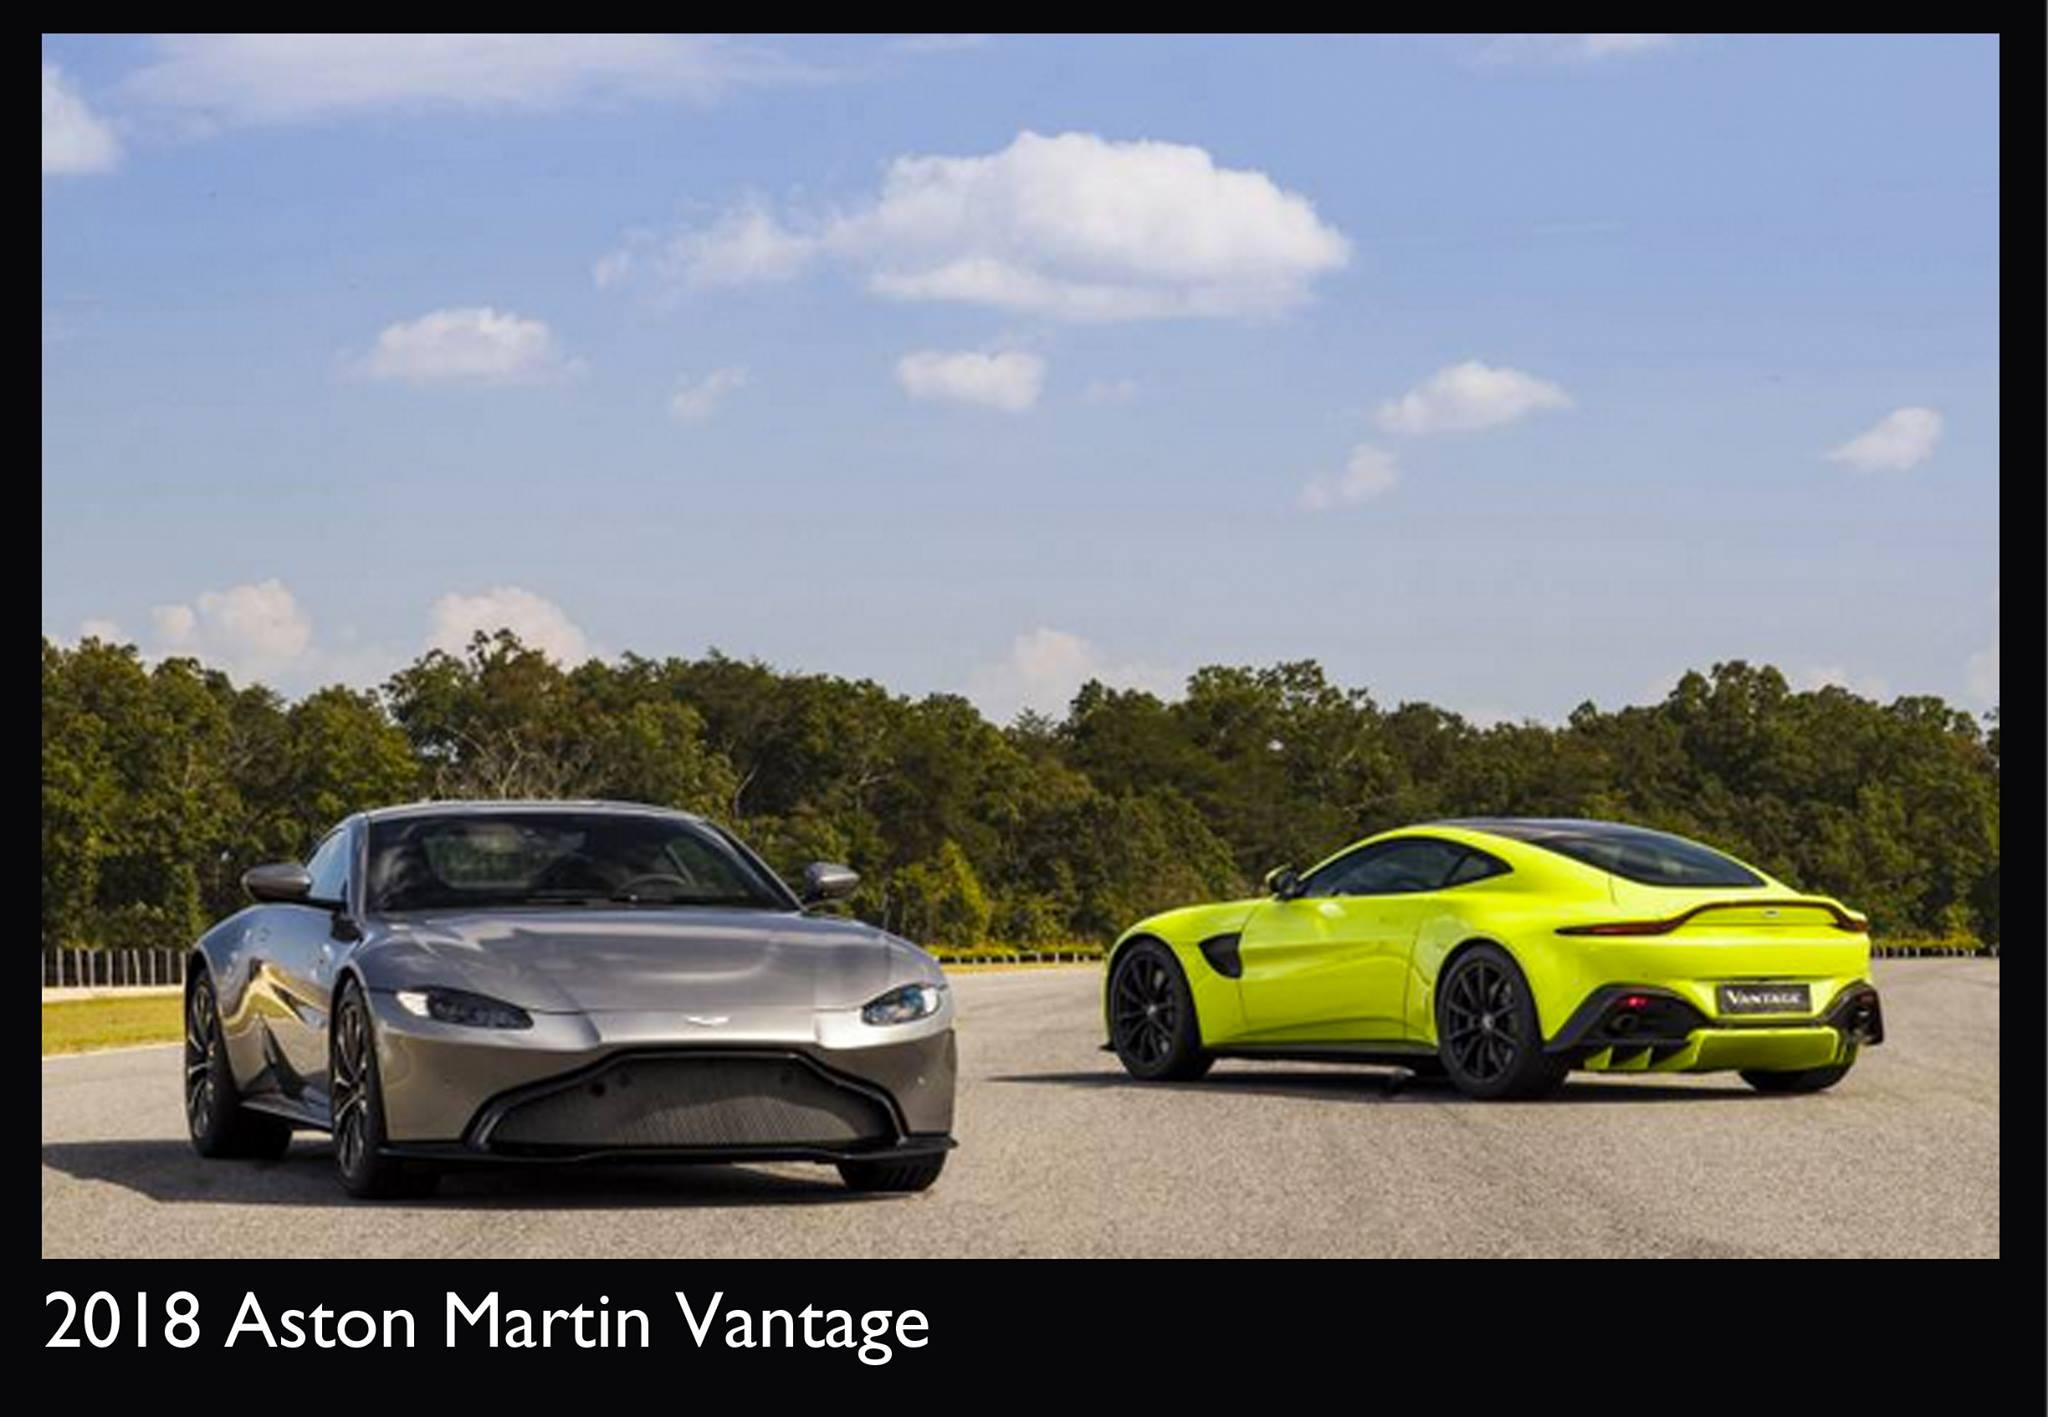 171210 Aston Martin 19.jpg